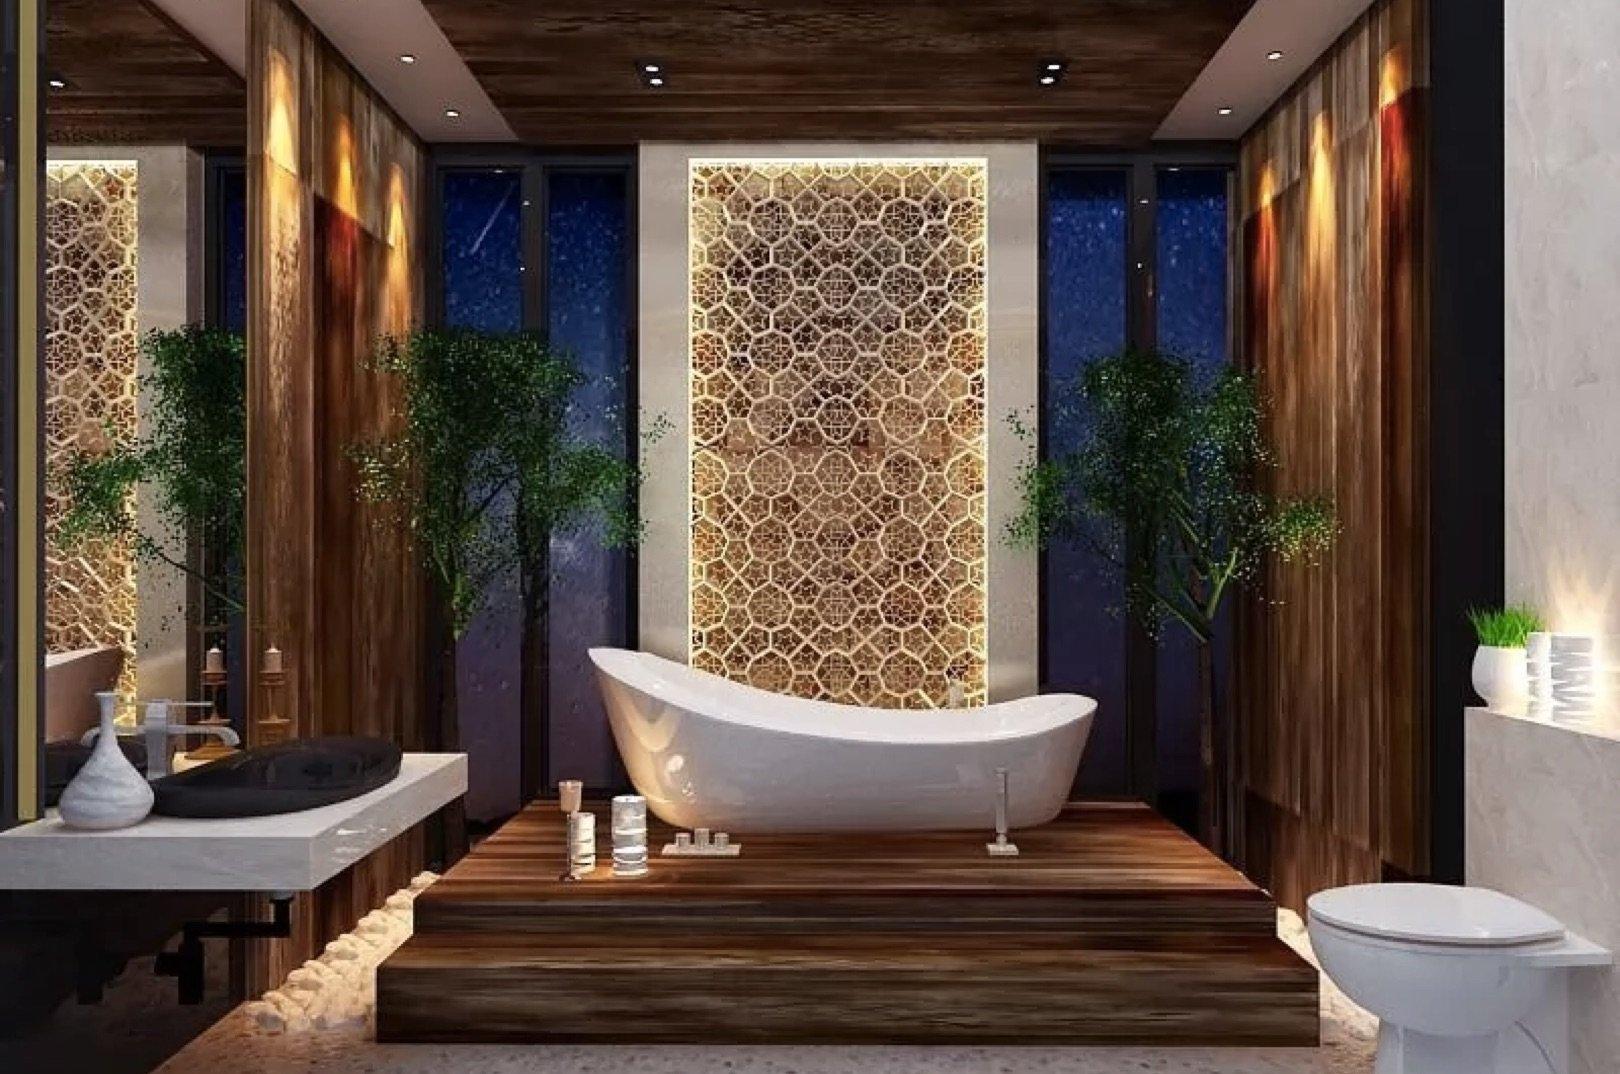 450+ Gambar Desain Kamar Mandi Lux HD Gratid Untuk Di Contoh